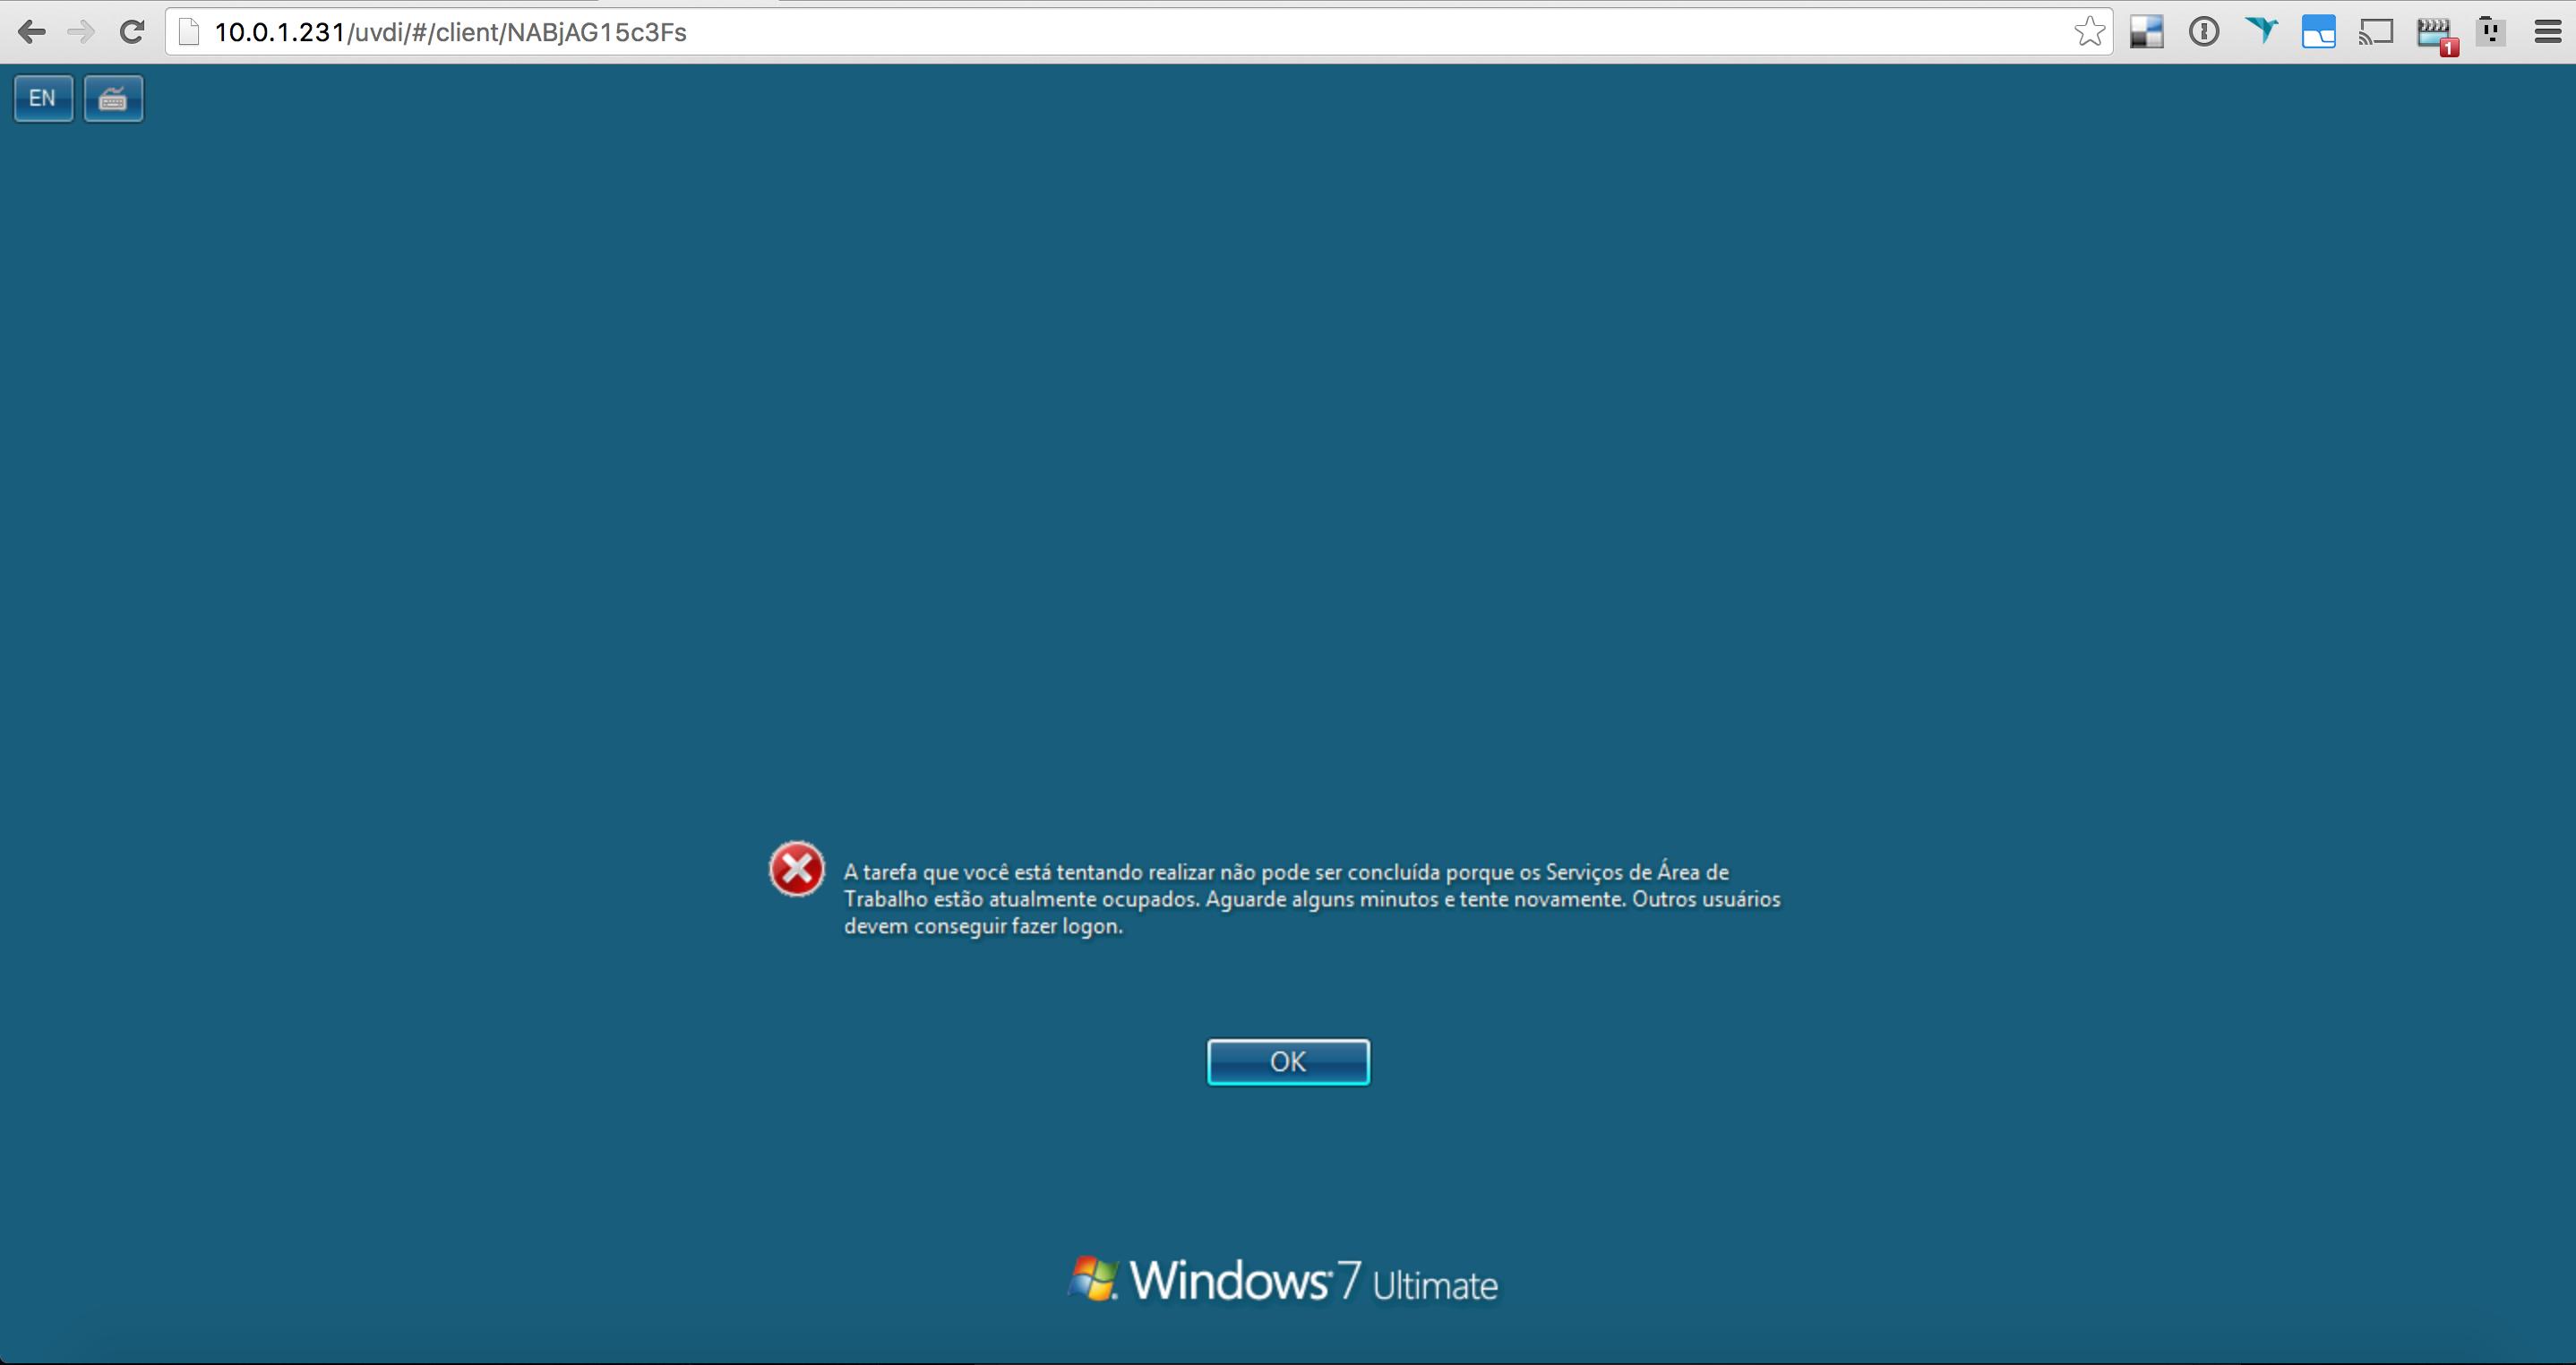 Apache Guacamole / Discussion / Help:Remote Desktop Services is